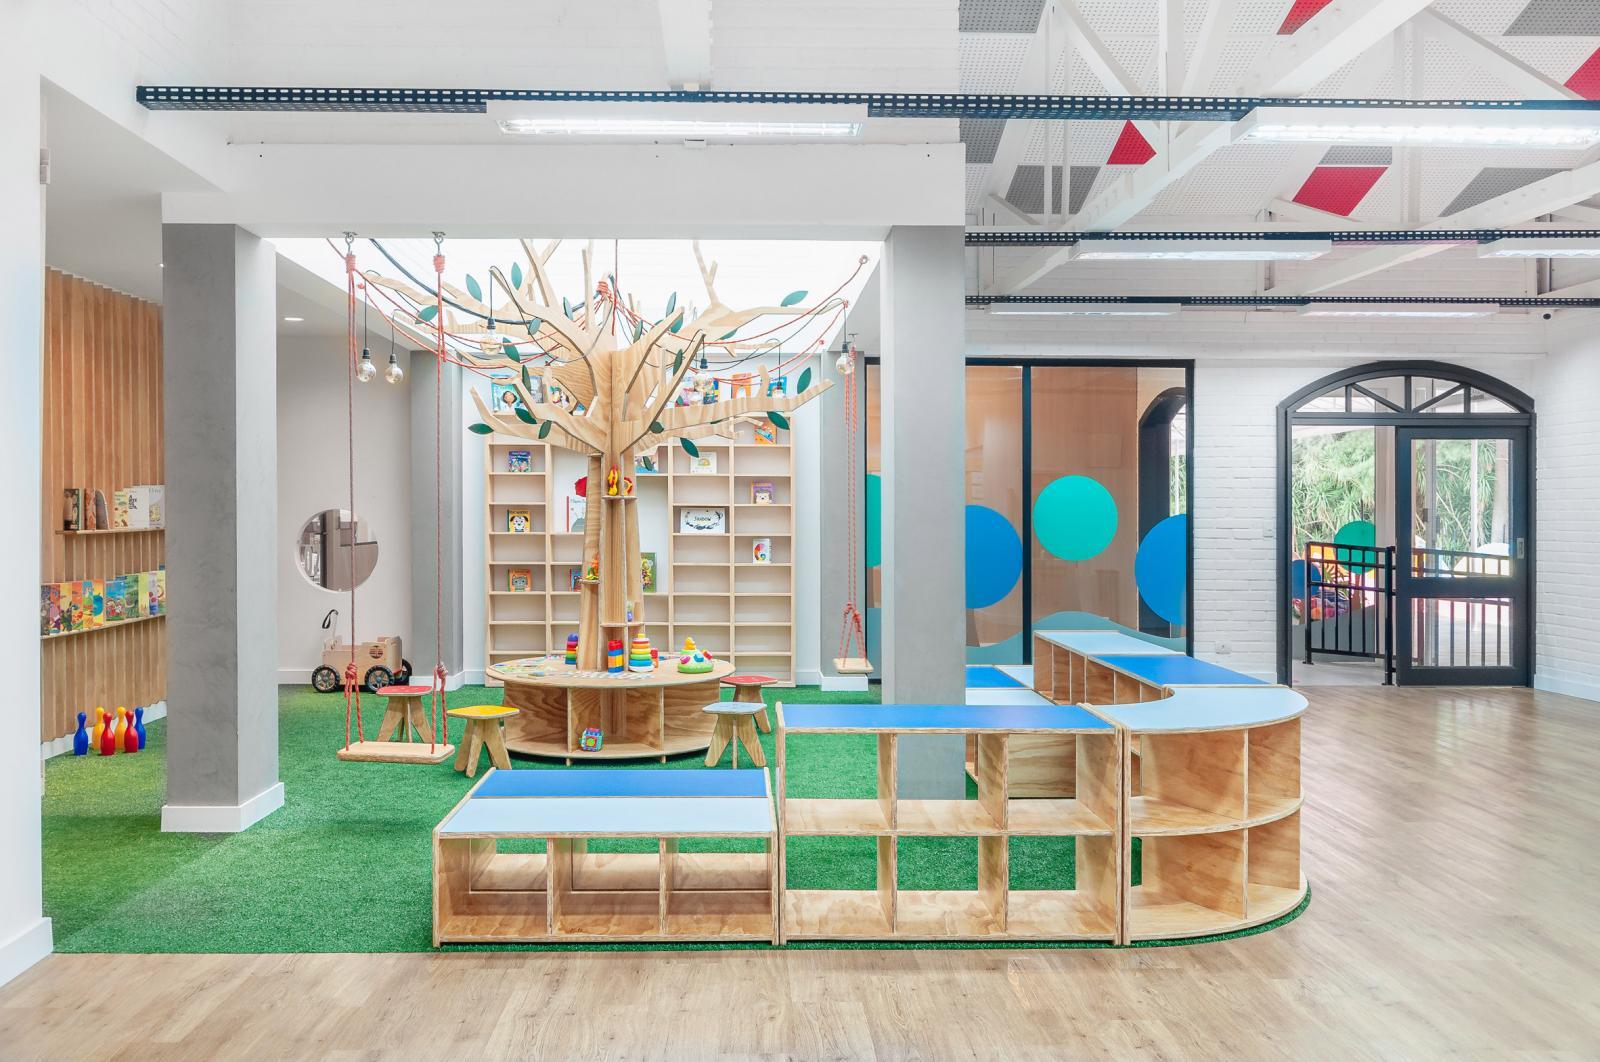 Kiến trúc sư chủ yếu sử dụng chất liệu gỗ màu sáng cho đồ nội thất trường mẫu giáo vì nó mang lại cảm giác ấm cúng và tự nhiên cho không gian học tập.